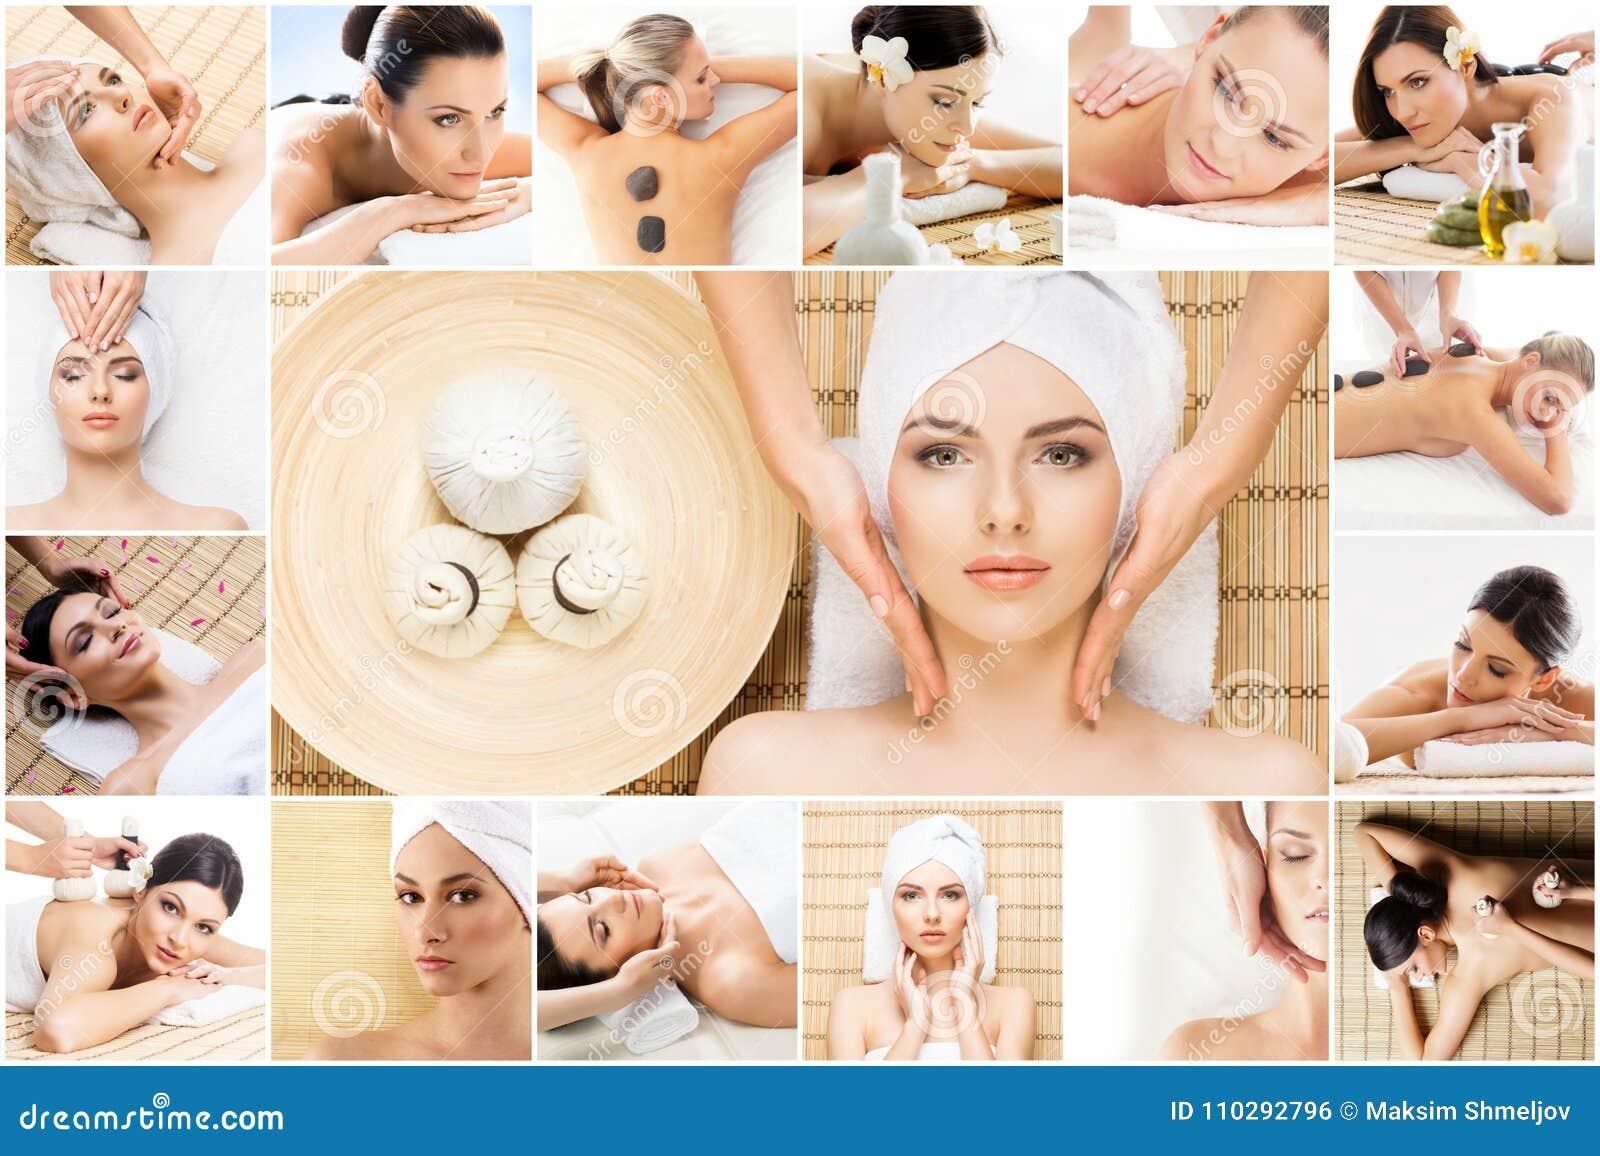 Traditionele massage en gezondheidszorgbehandeling in kuuroord Jonge, mooie en gezonde meisjes die therapie hebben collage